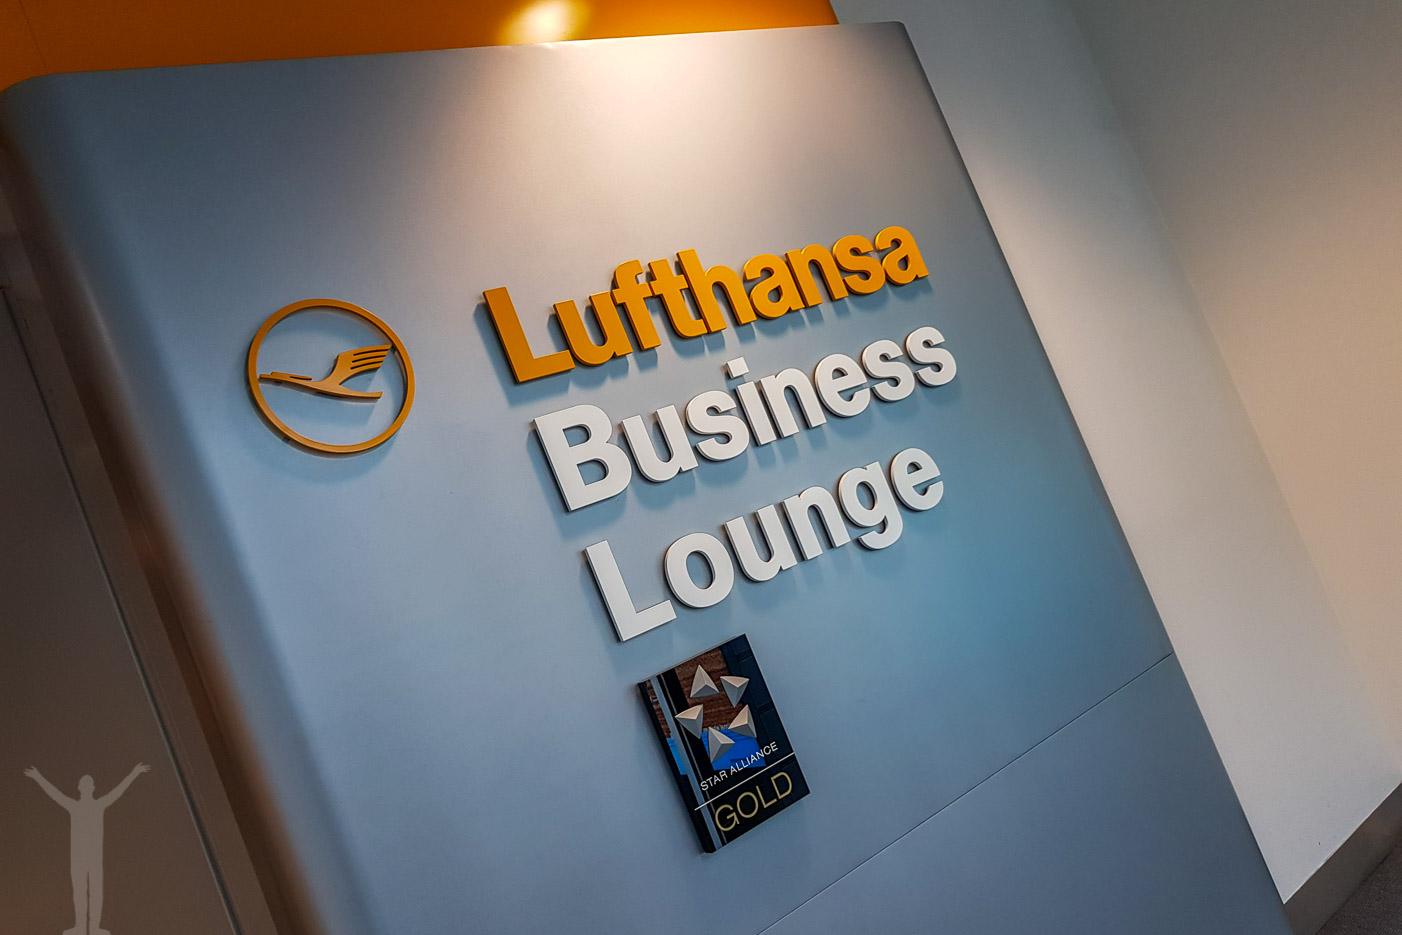 Lufthansa Business Lounge